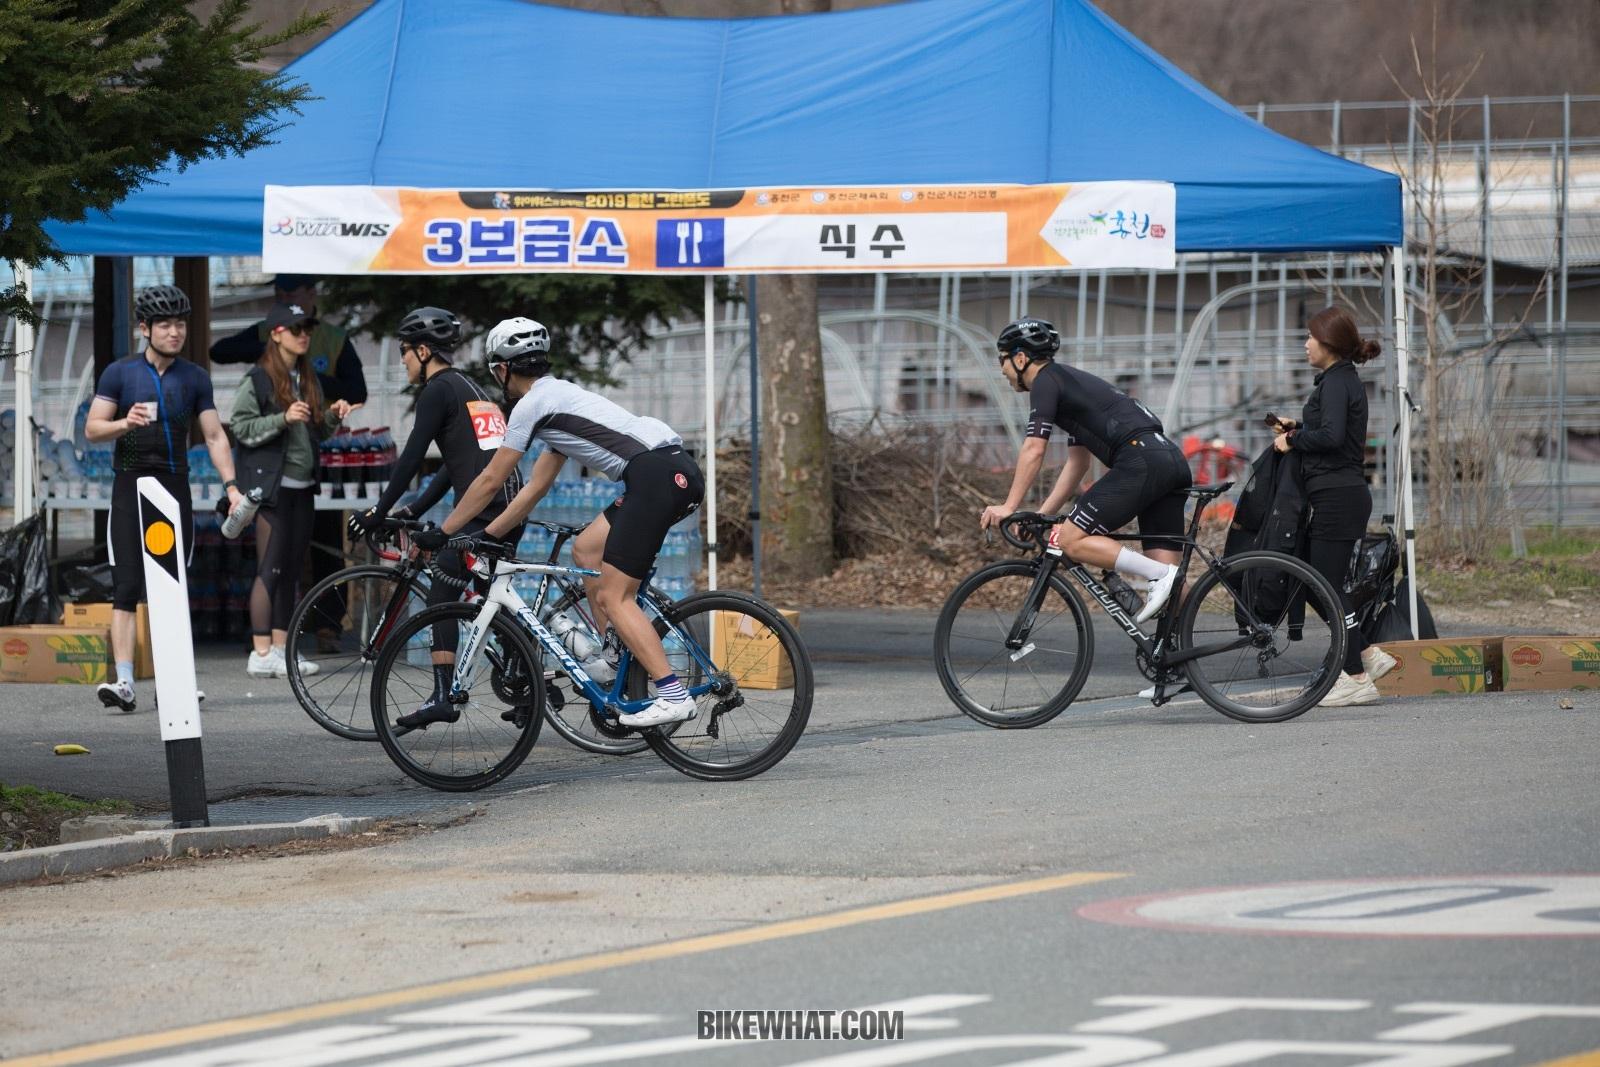 news_wiawis_hongscheon_7.jpg